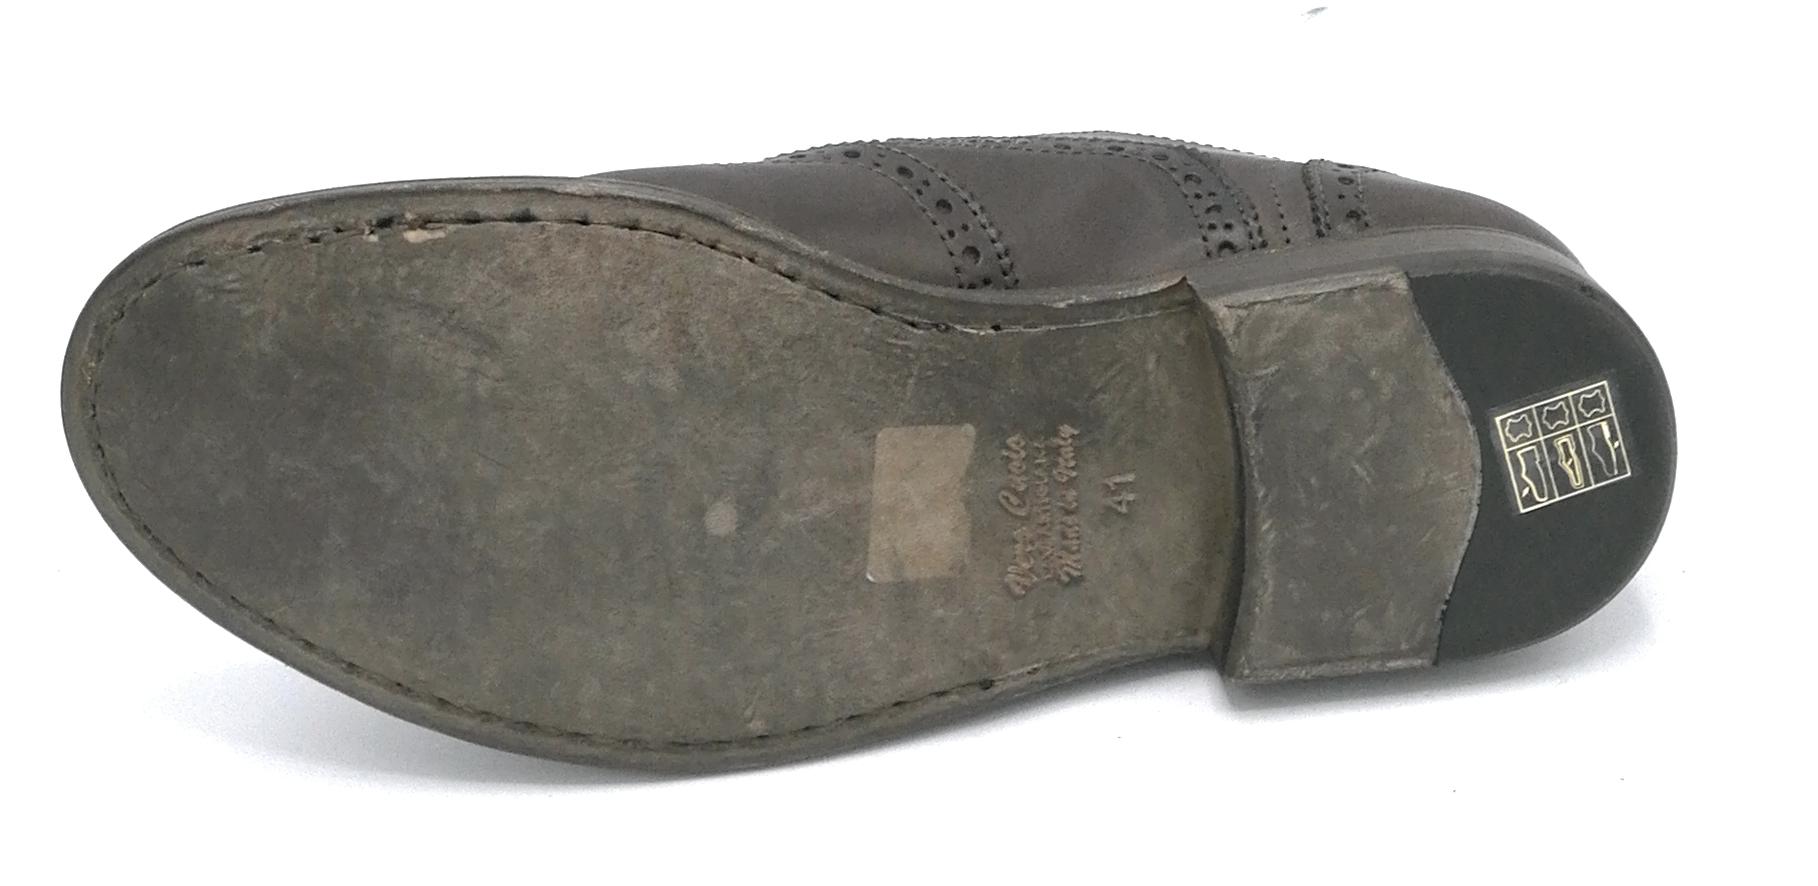 Eveet 15312 scarpa francesina all inglese pelle testa di moro ricamo fondo  cuoio eb757314864